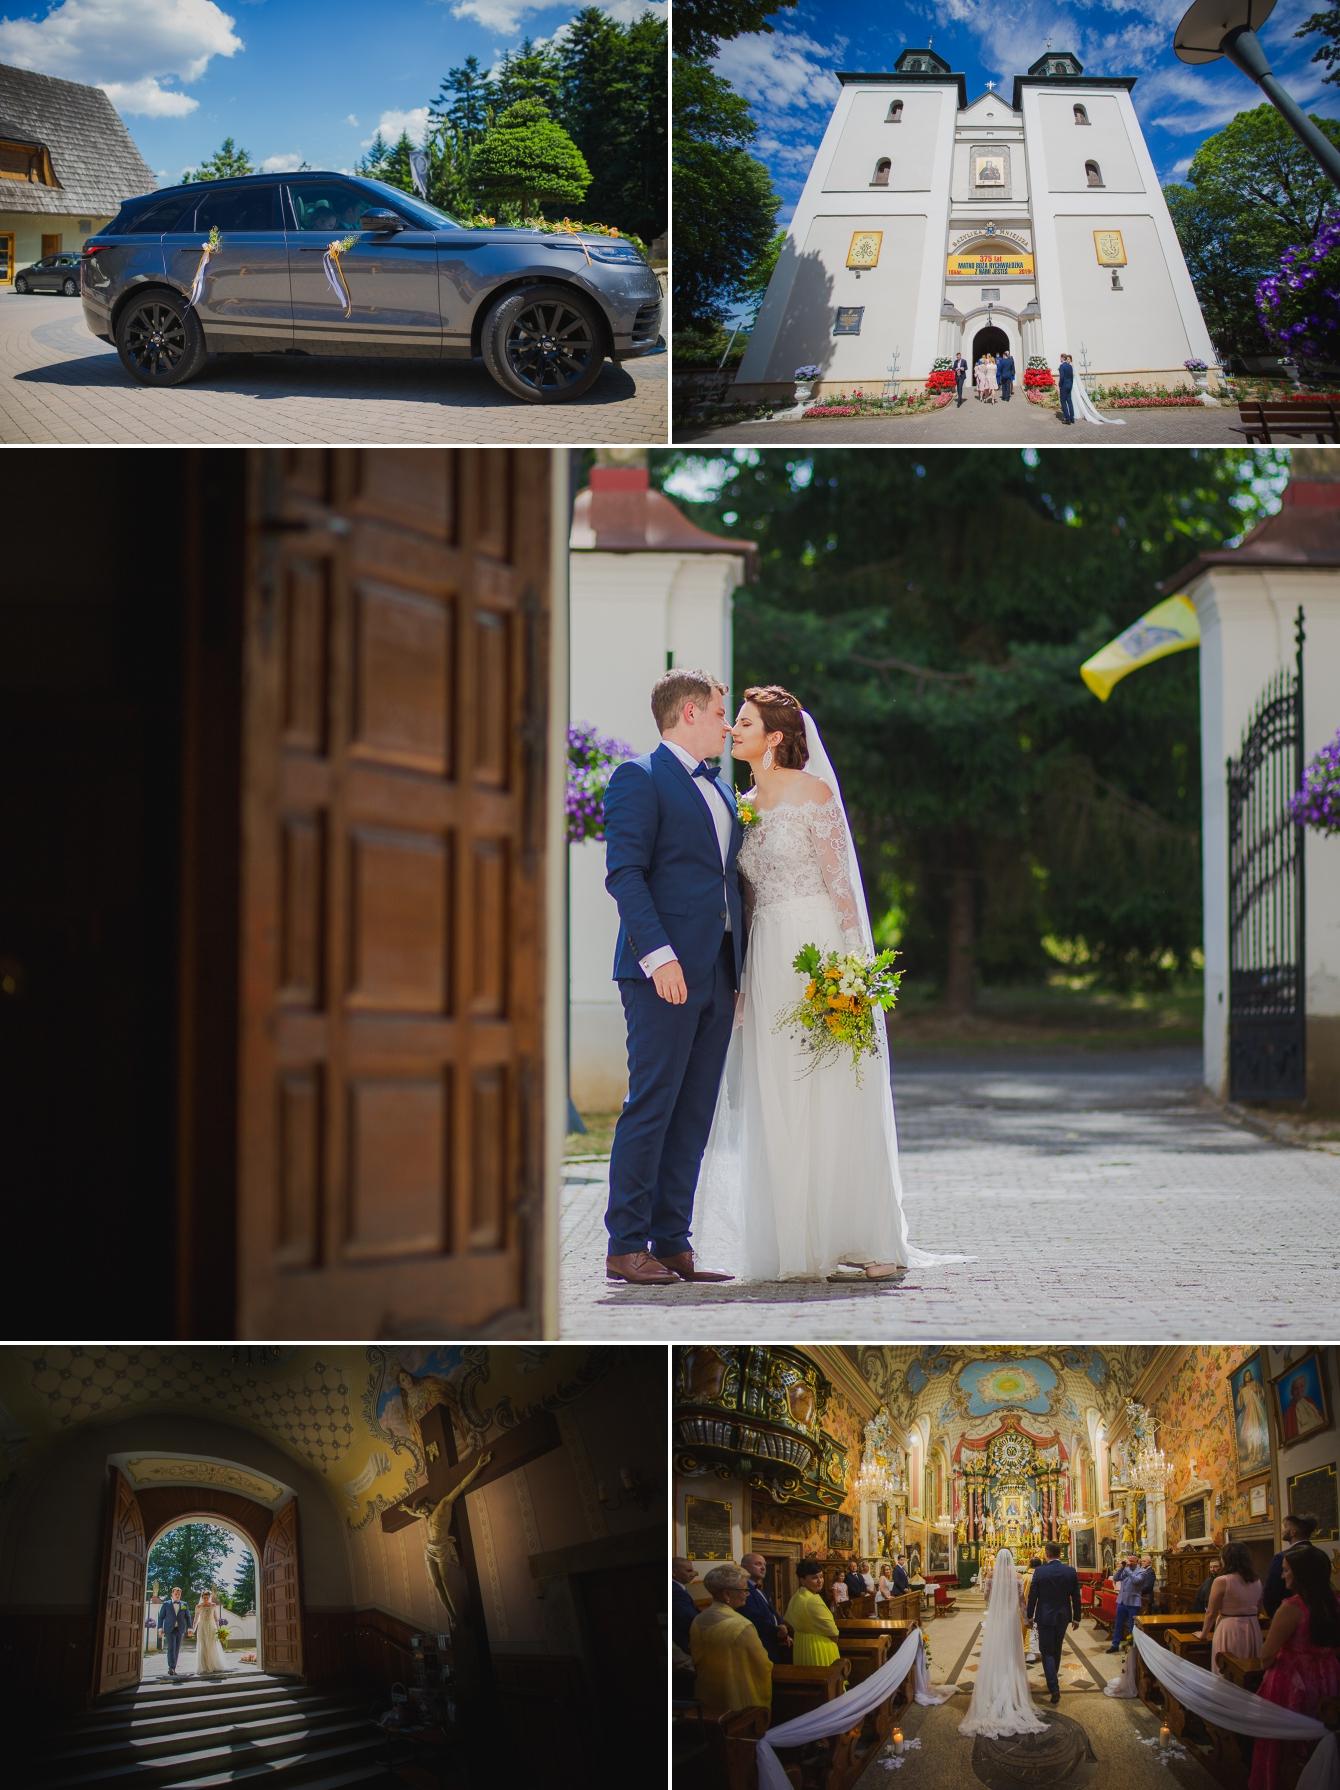 Ania i Damian - ślub w górach - Kocierz SPA - fotografia ślubna - bartek Wyrobek  (6).jpg